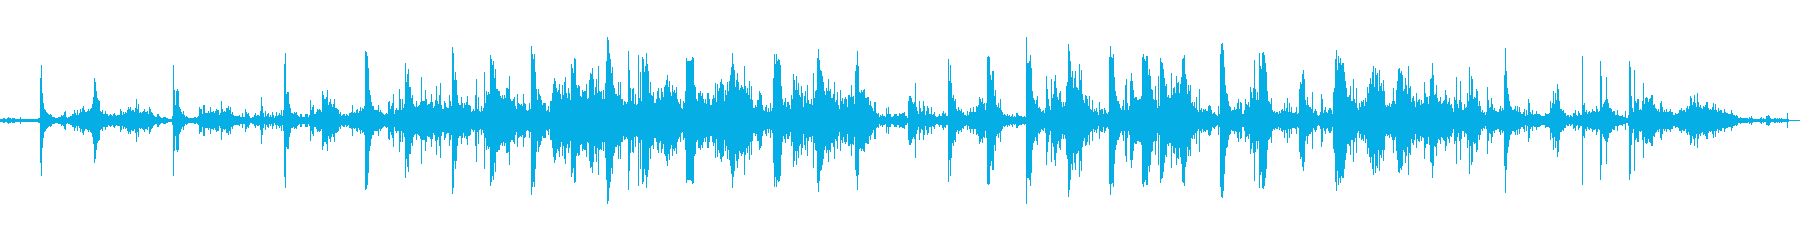 足跡が流れを流れるの再生済みの波形